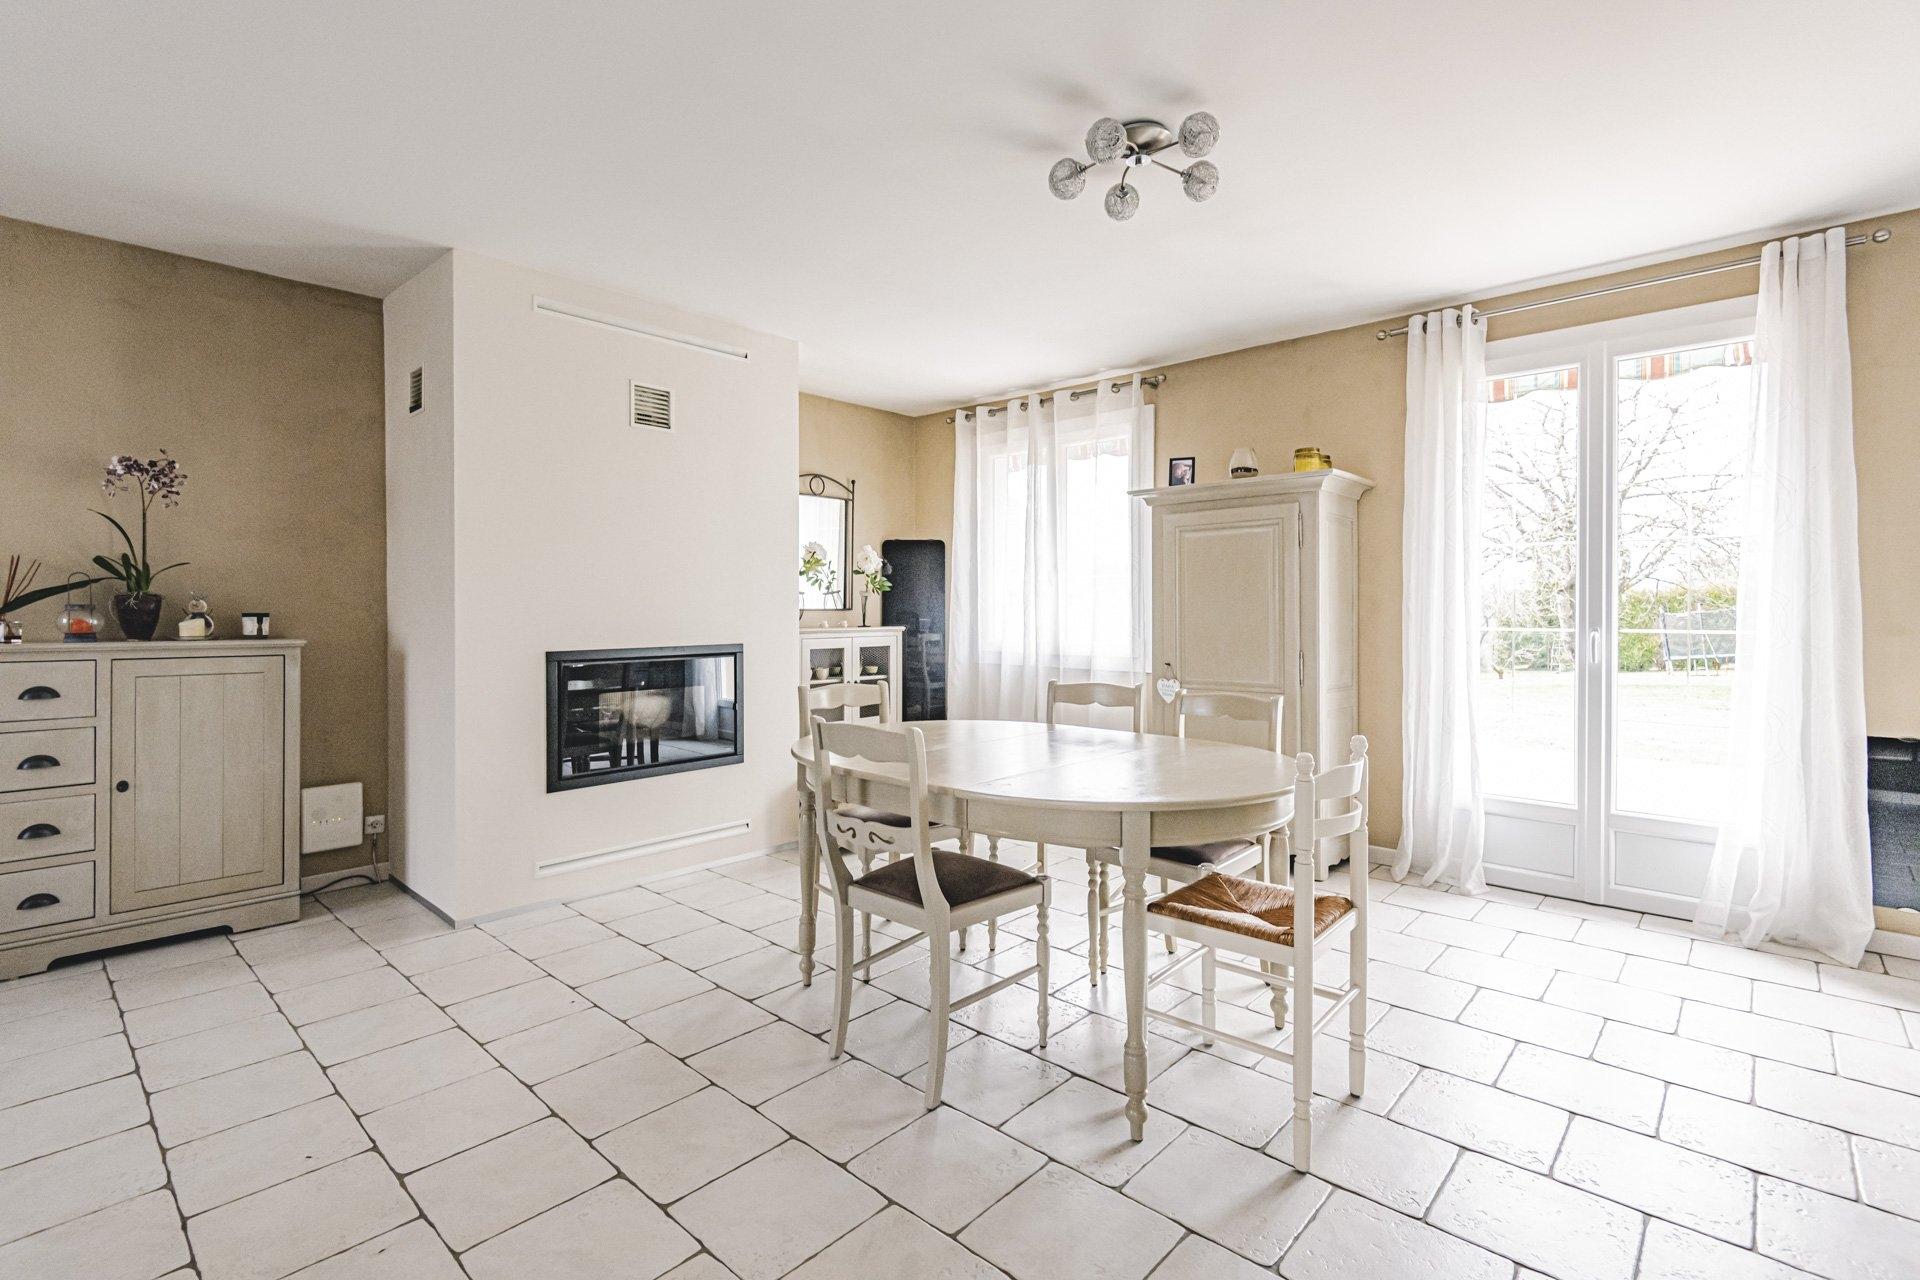 Maison Bouleuse 6 Pièces 140 m2 - 4